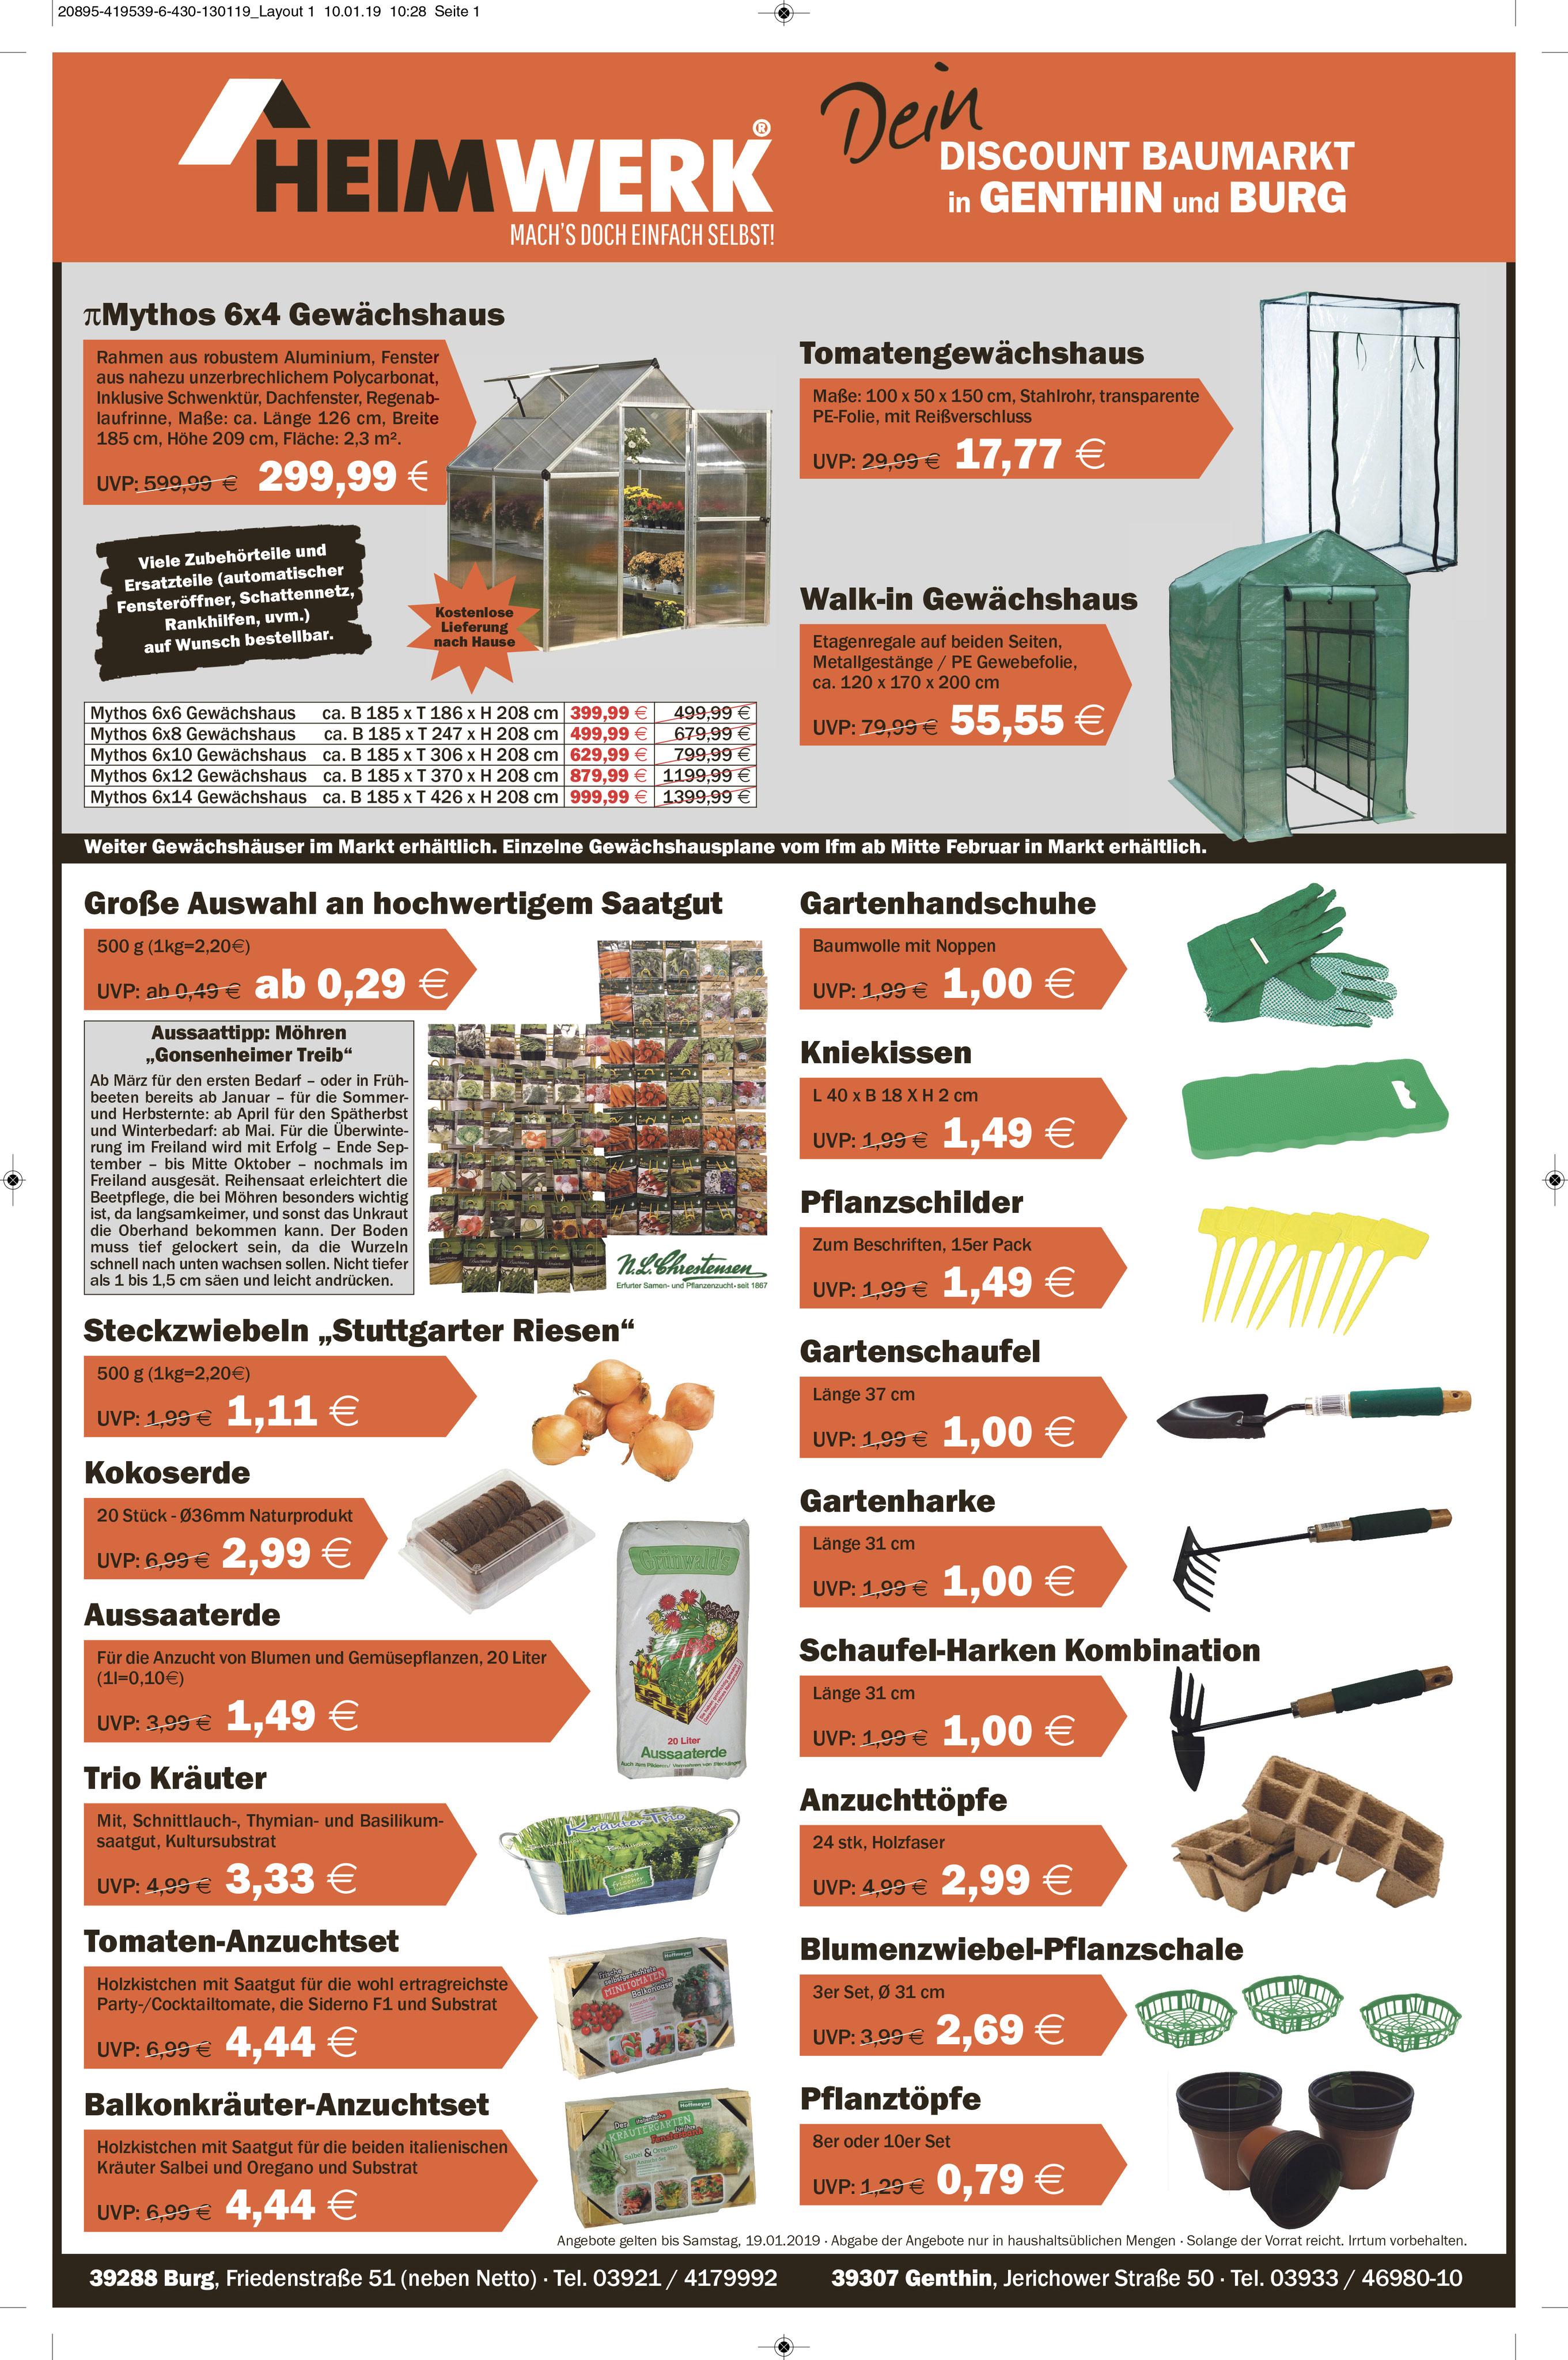 Angebote 12012019 19012019 Heimwerk Discount Baumarkt